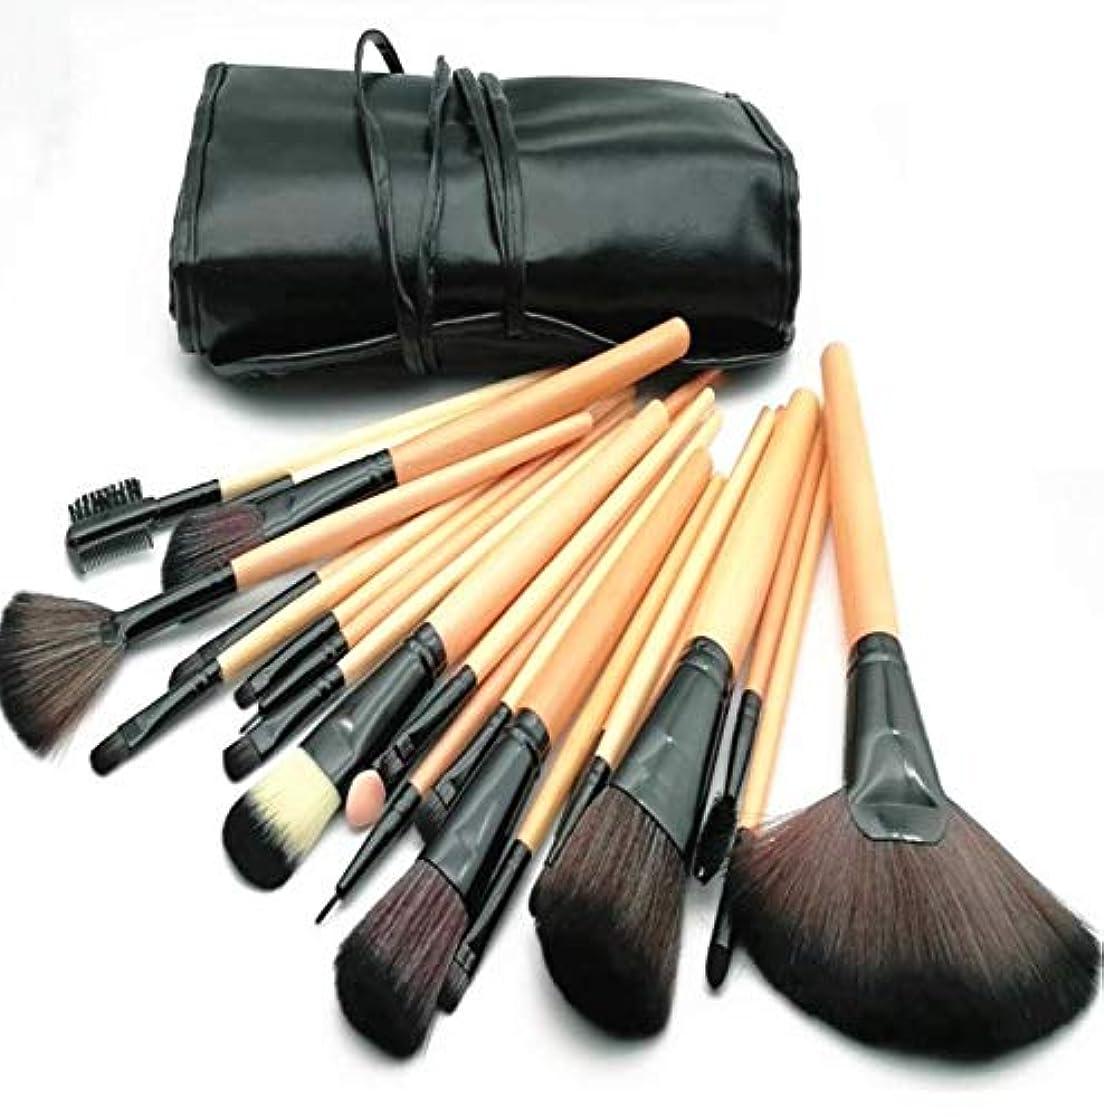 コンバーチブル西ライン化粧ブラシセット、収納化粧品袋付き24色化粧ブラシ、初心者やメイクアップアーティストのための美容ツールの実用的なフルセット